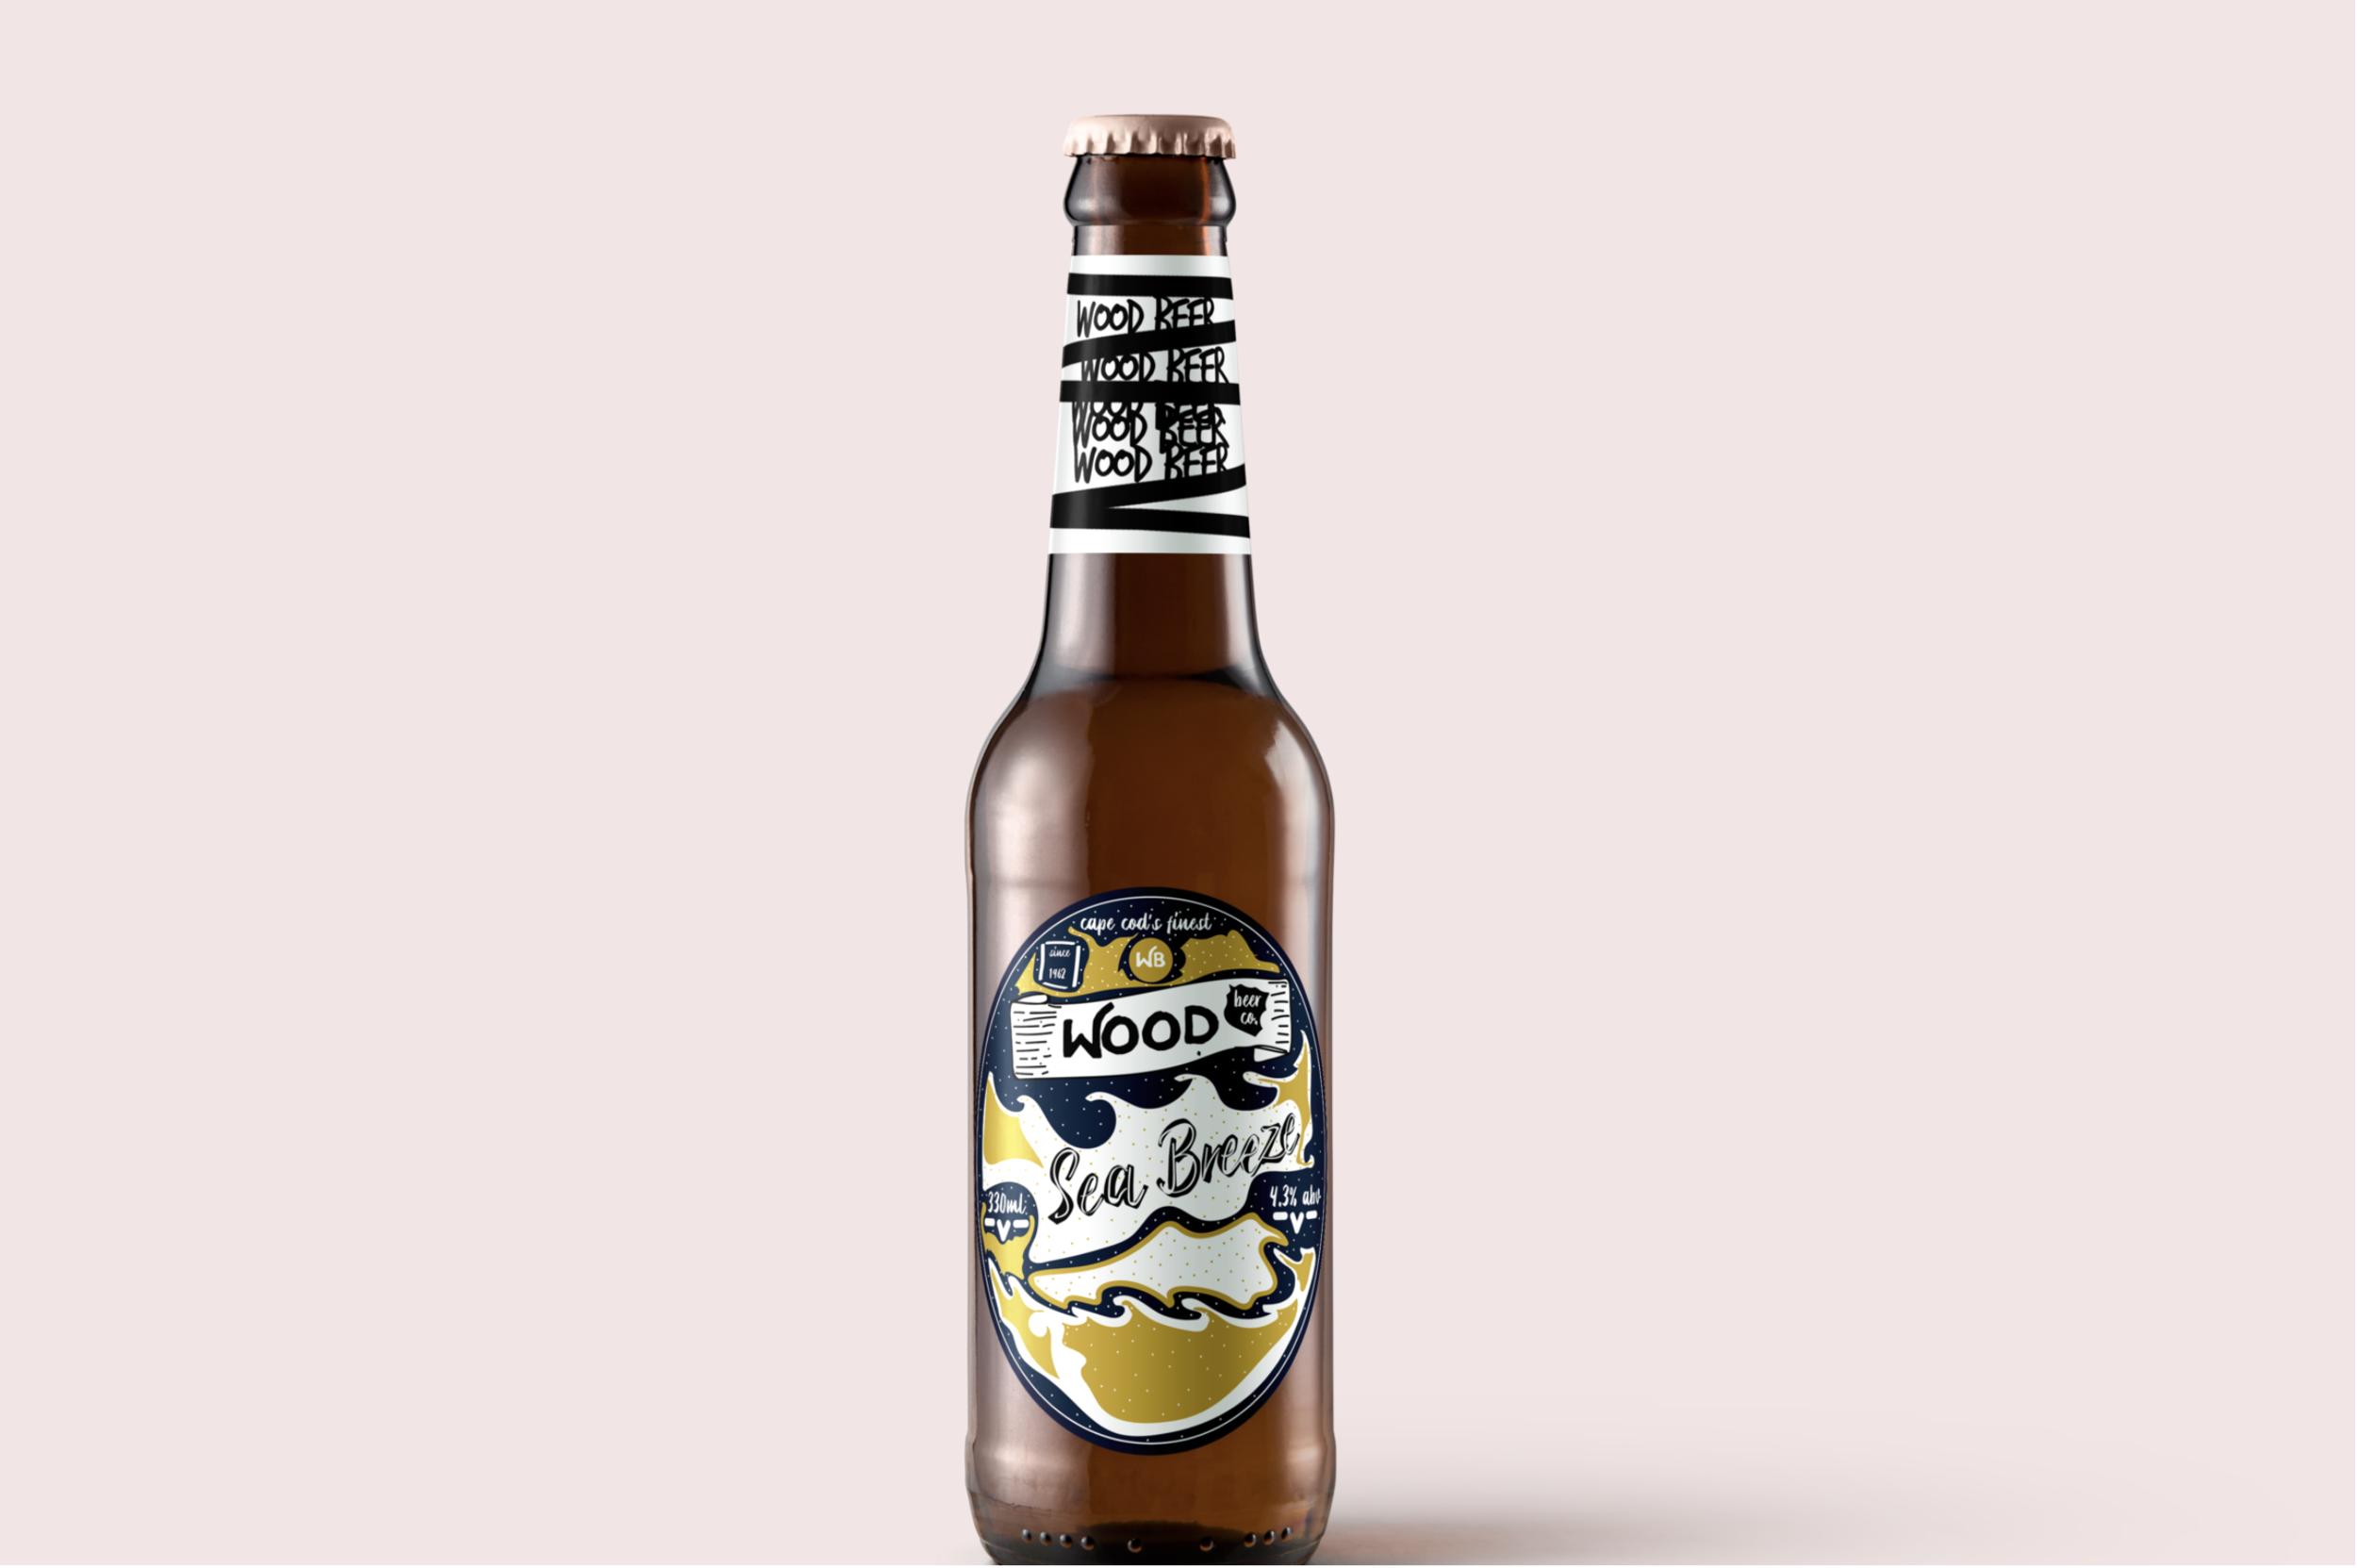 - Wood Beer